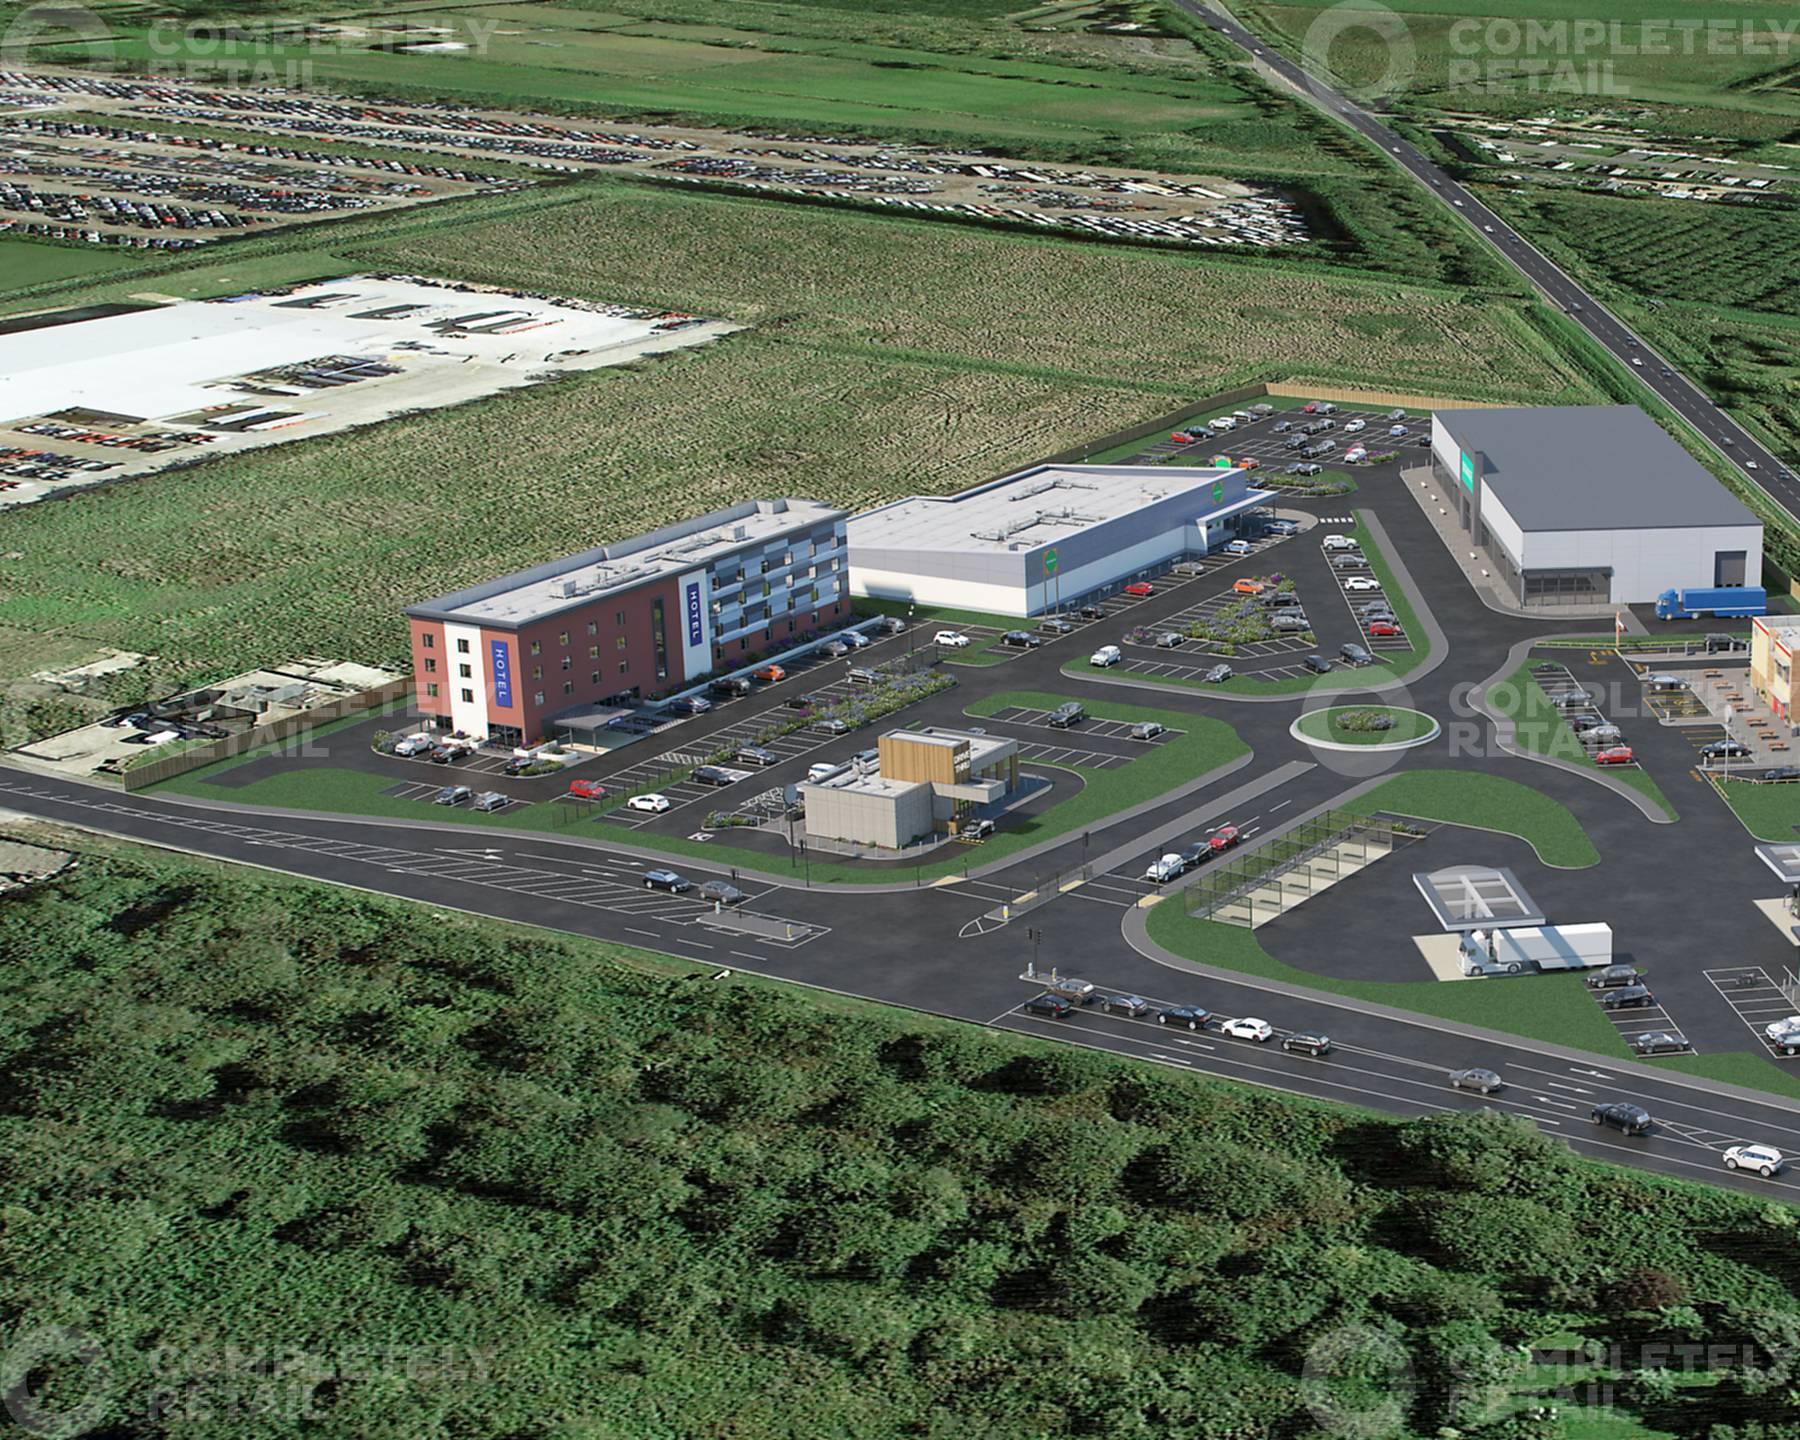 Wisbech Gateway